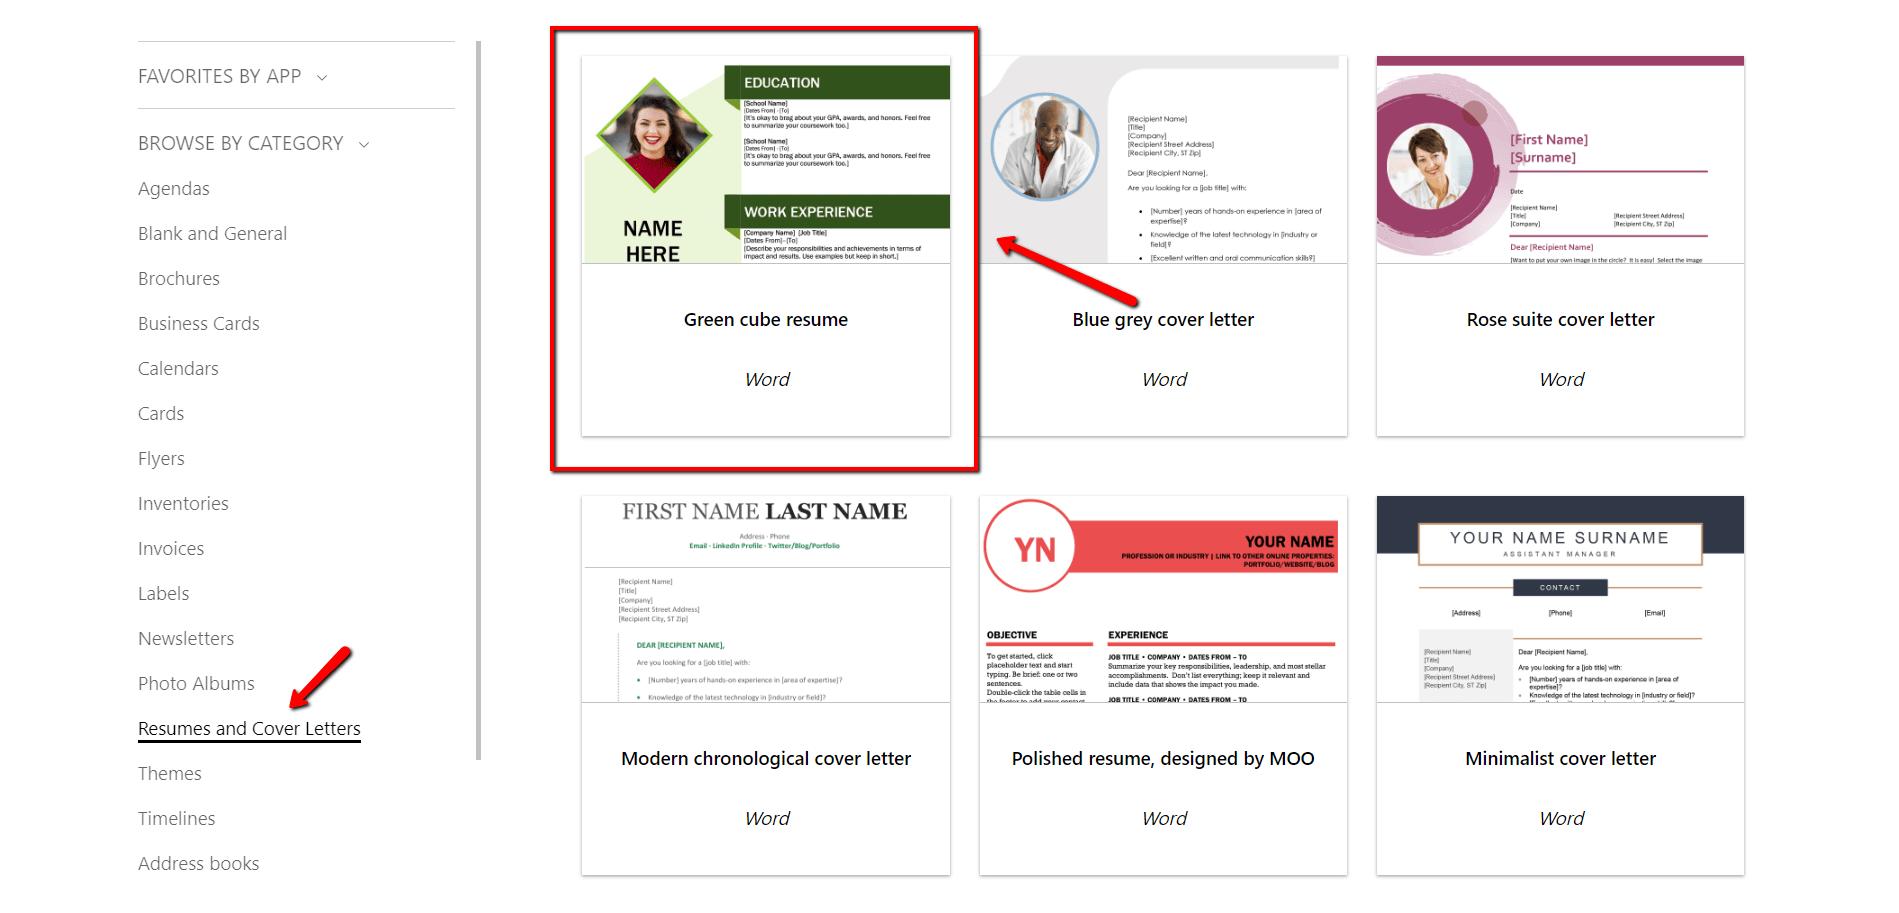 free resume templates u2014download  u0026 start making your resume